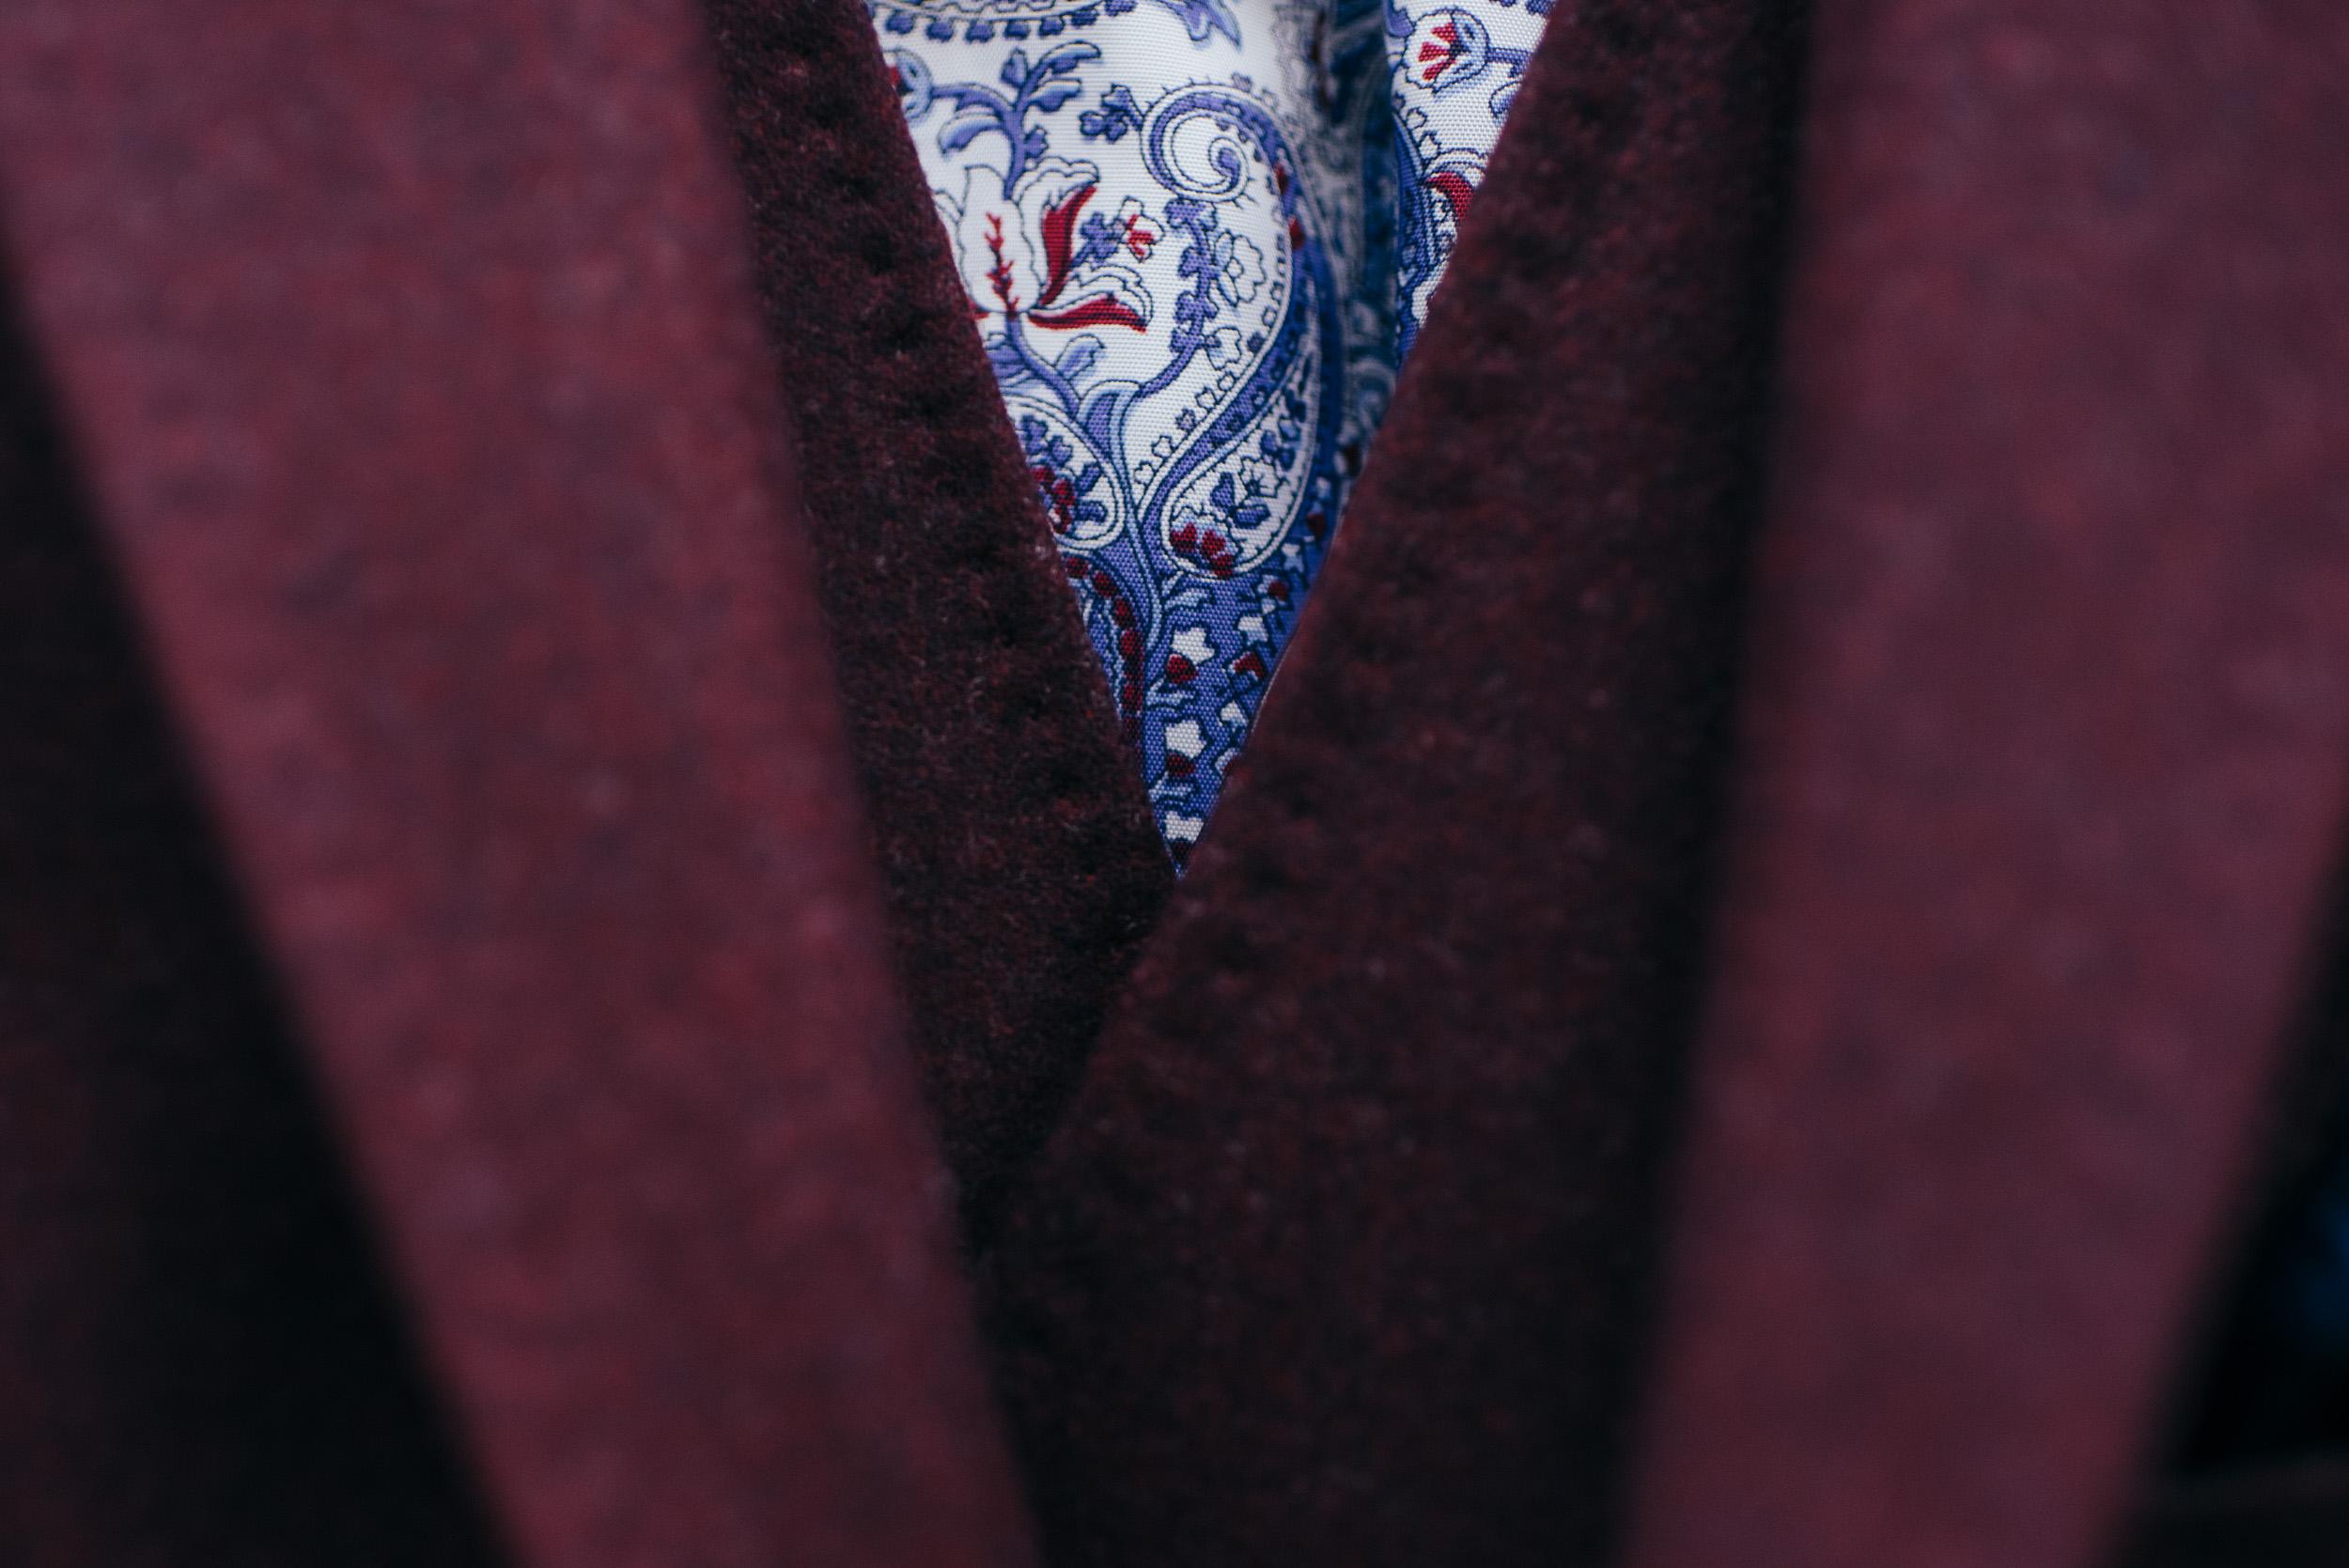 Paisley pattern suit